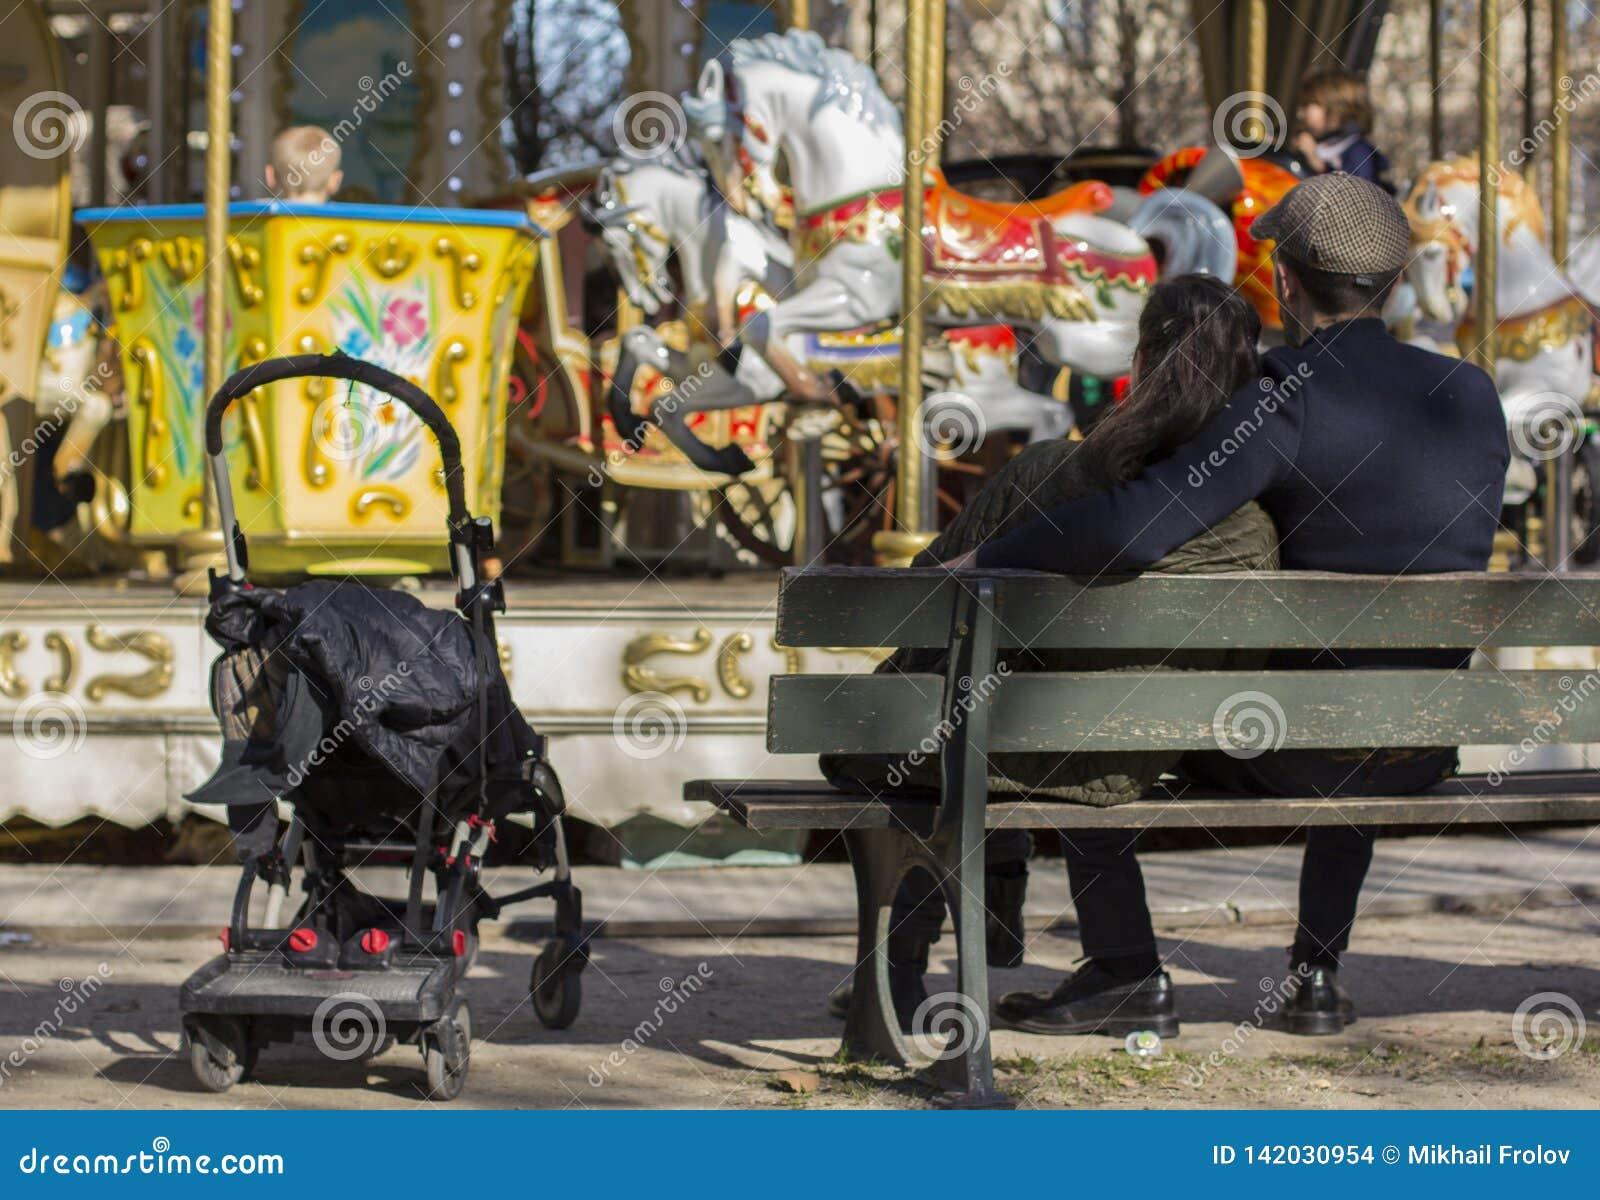 Koppla ihop nära karusellen som sitter på bänken som väntar på en barnrittkarusell